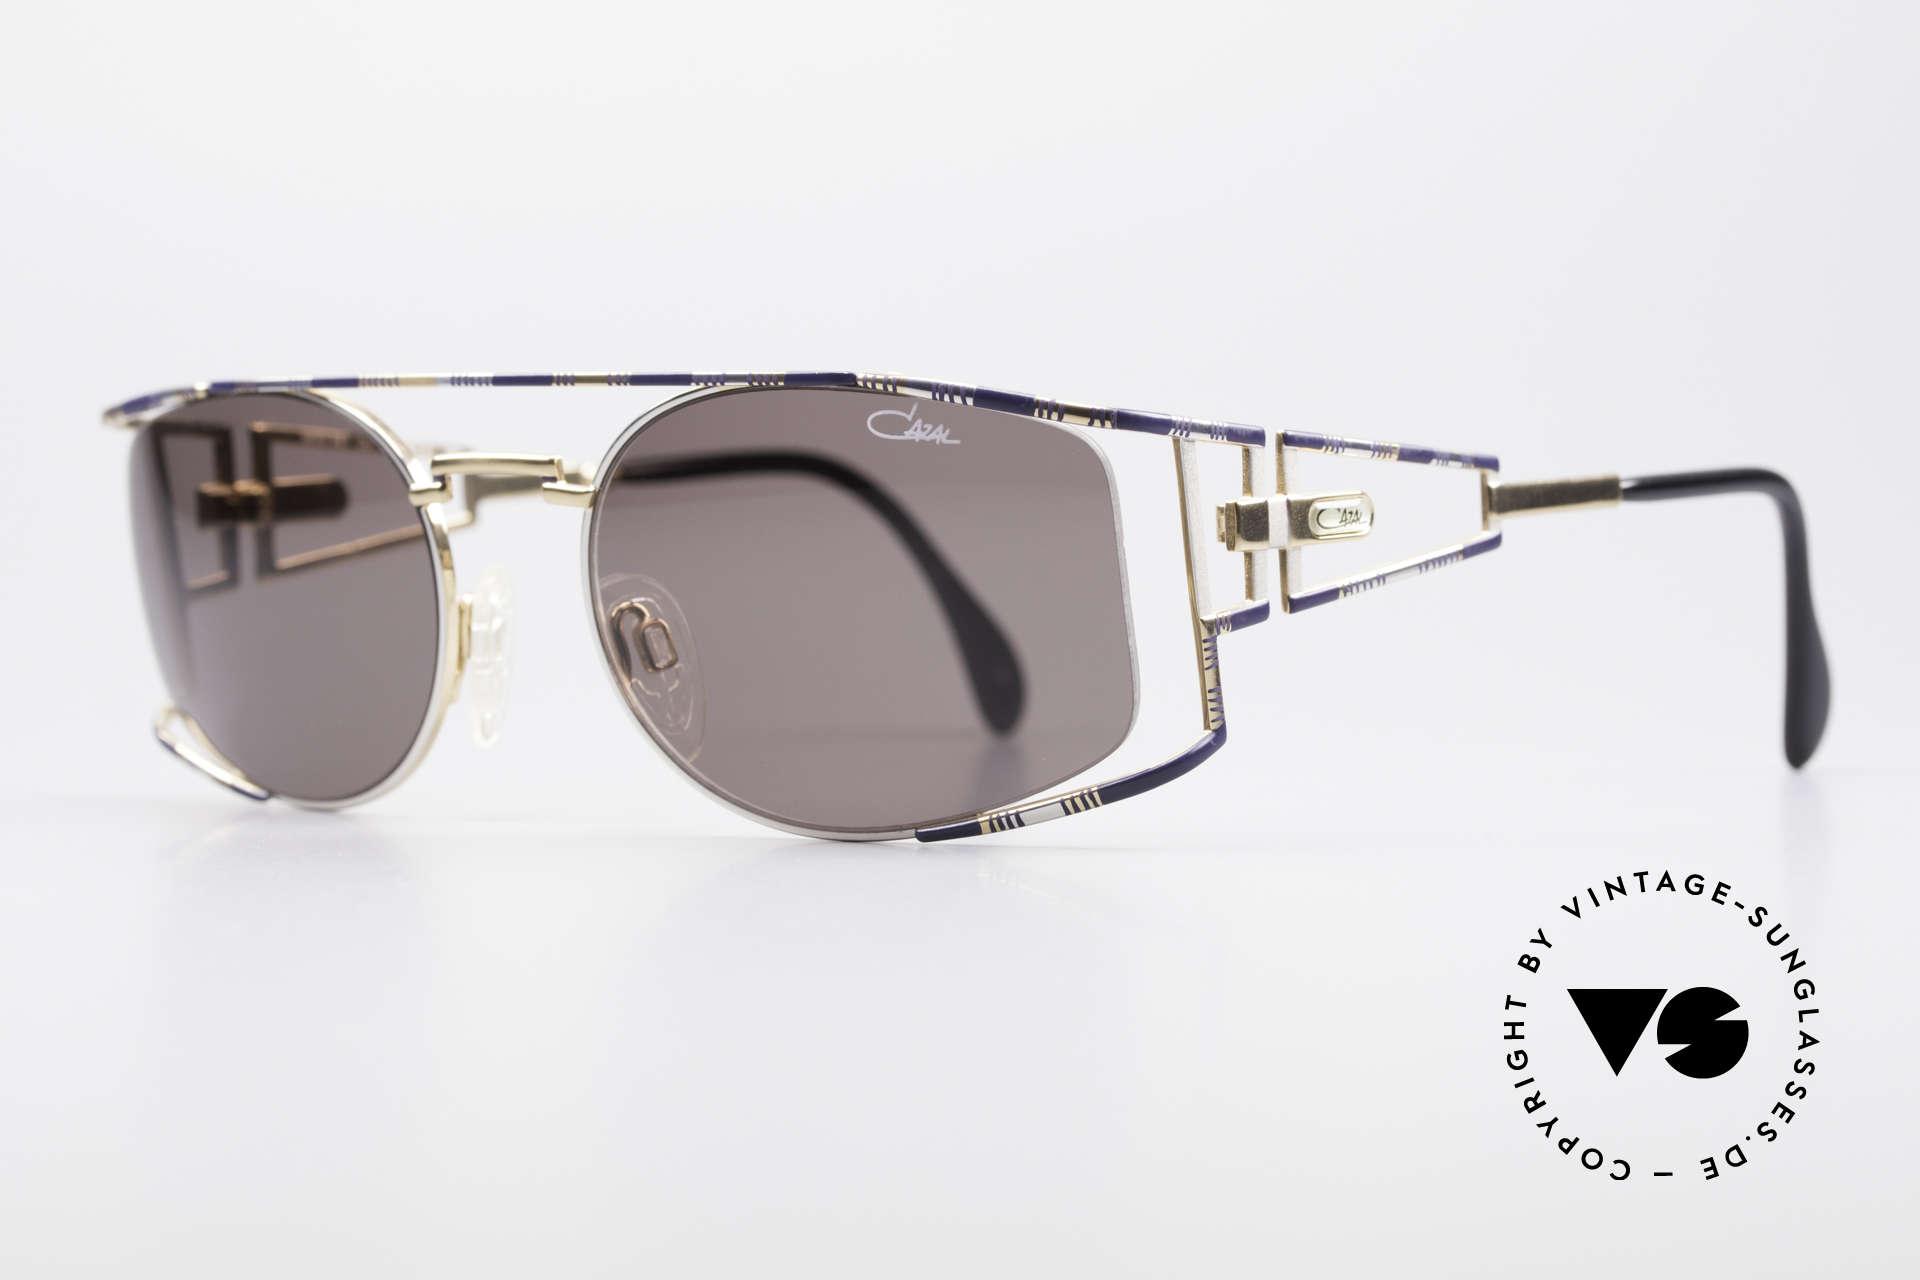 Cazal 967 Vintage Markensonnenbrille, aufwändige und handgearbeitete Rahmen-Lackierung, Passend für Herren und Damen